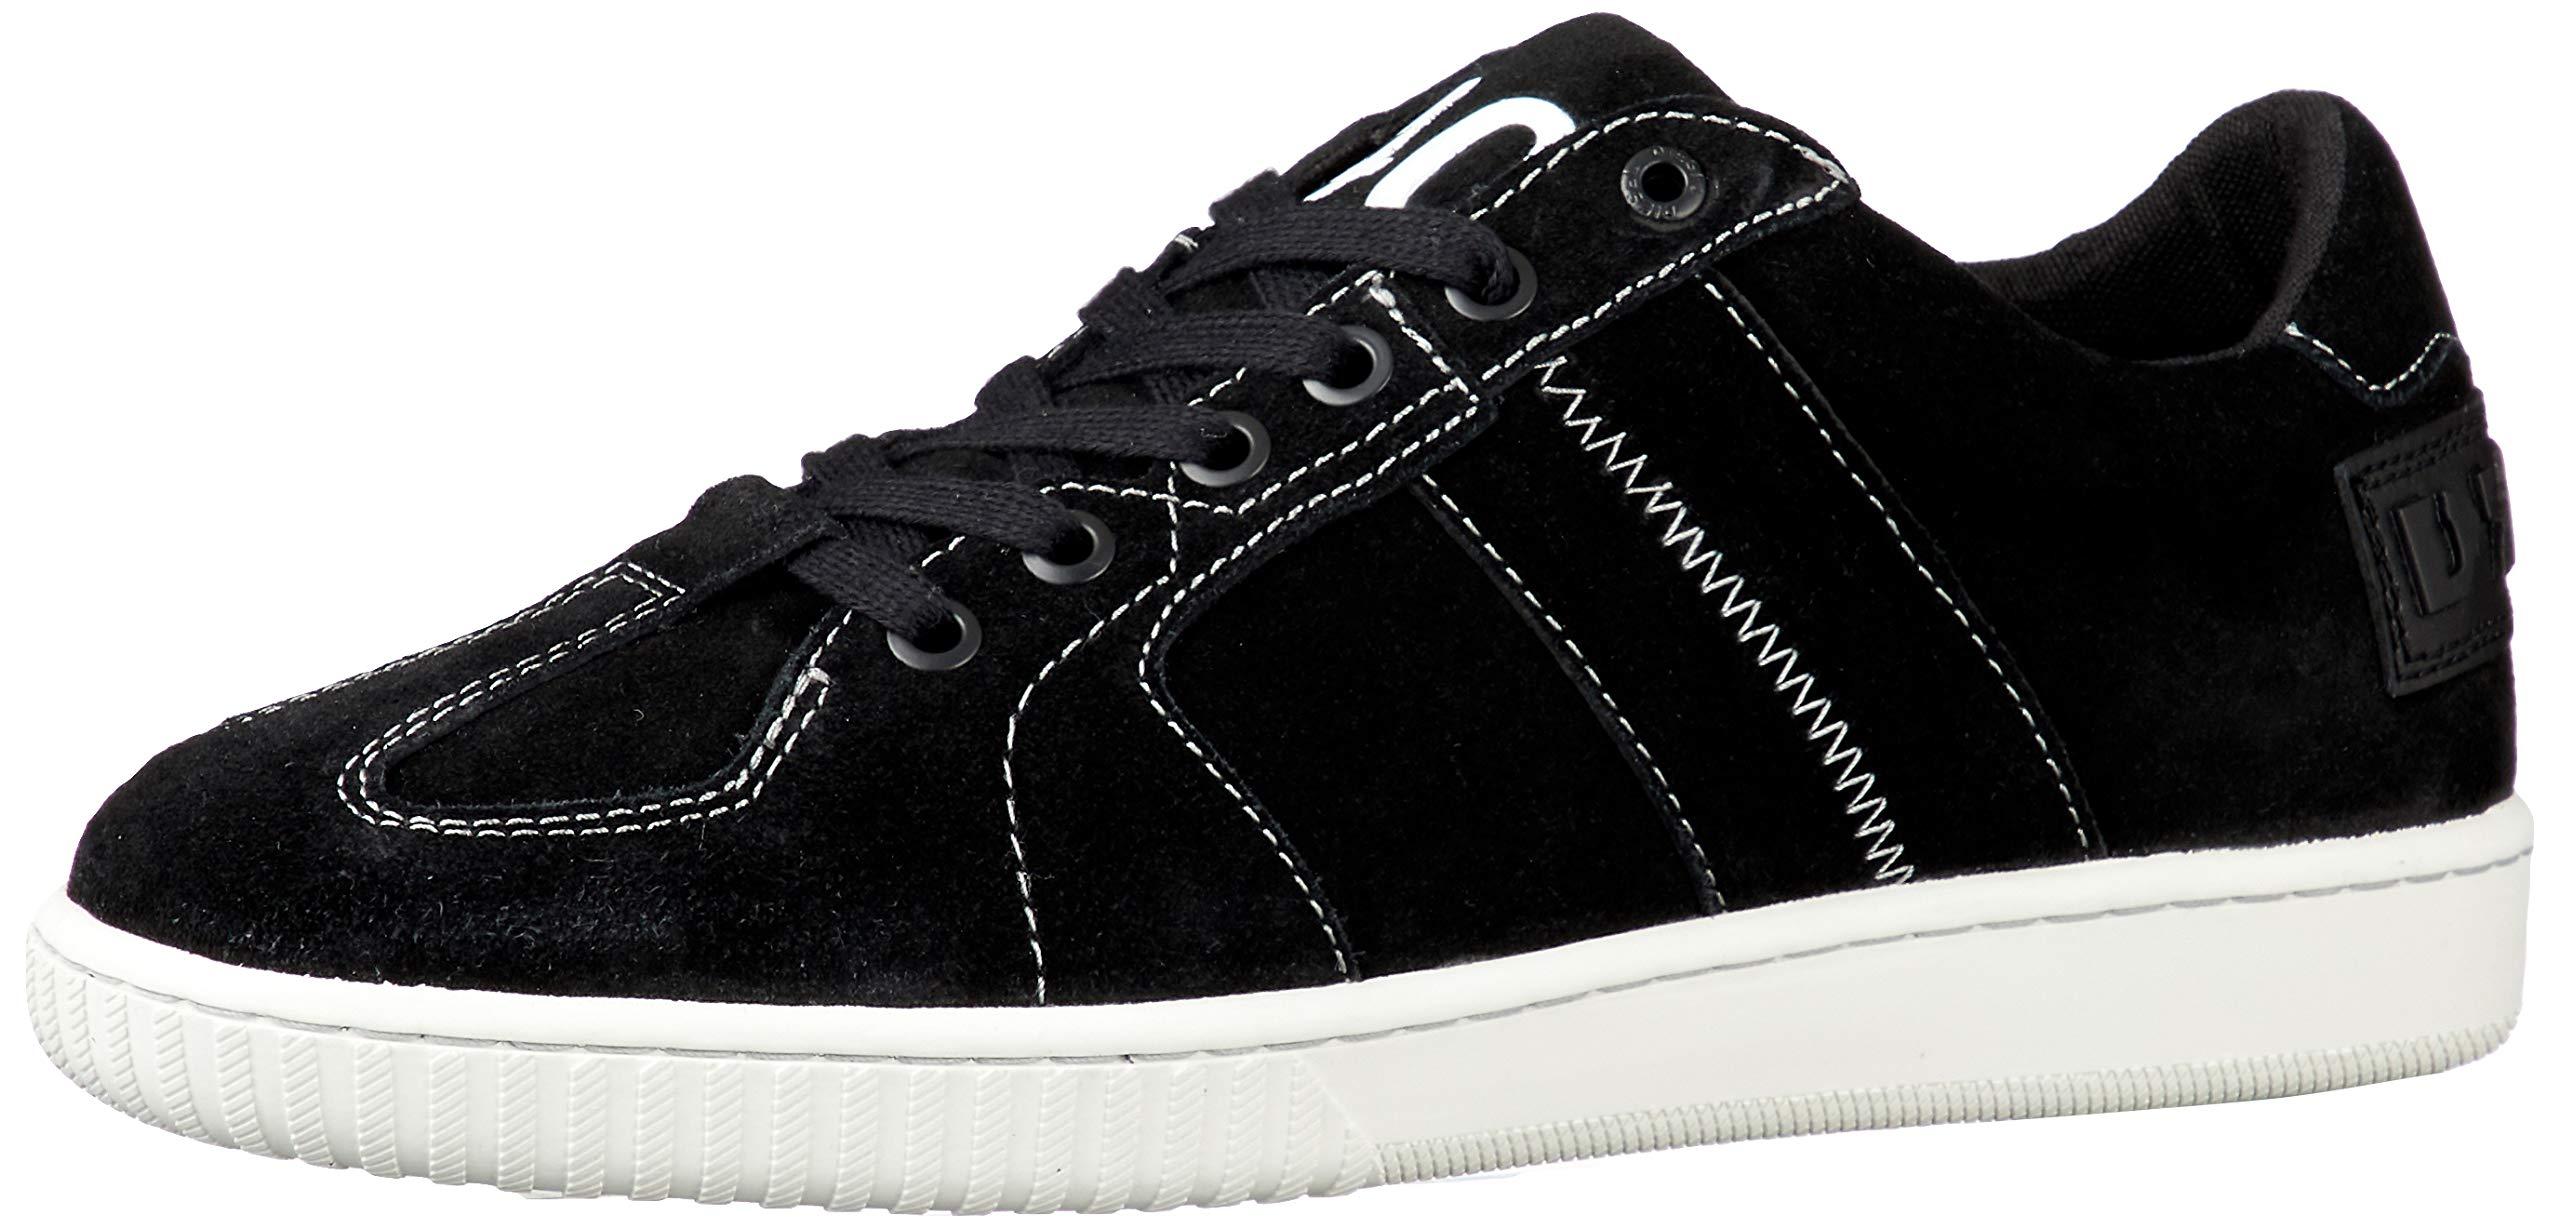 Diesel Men's Millenium LC Sneaker Black 9 M US